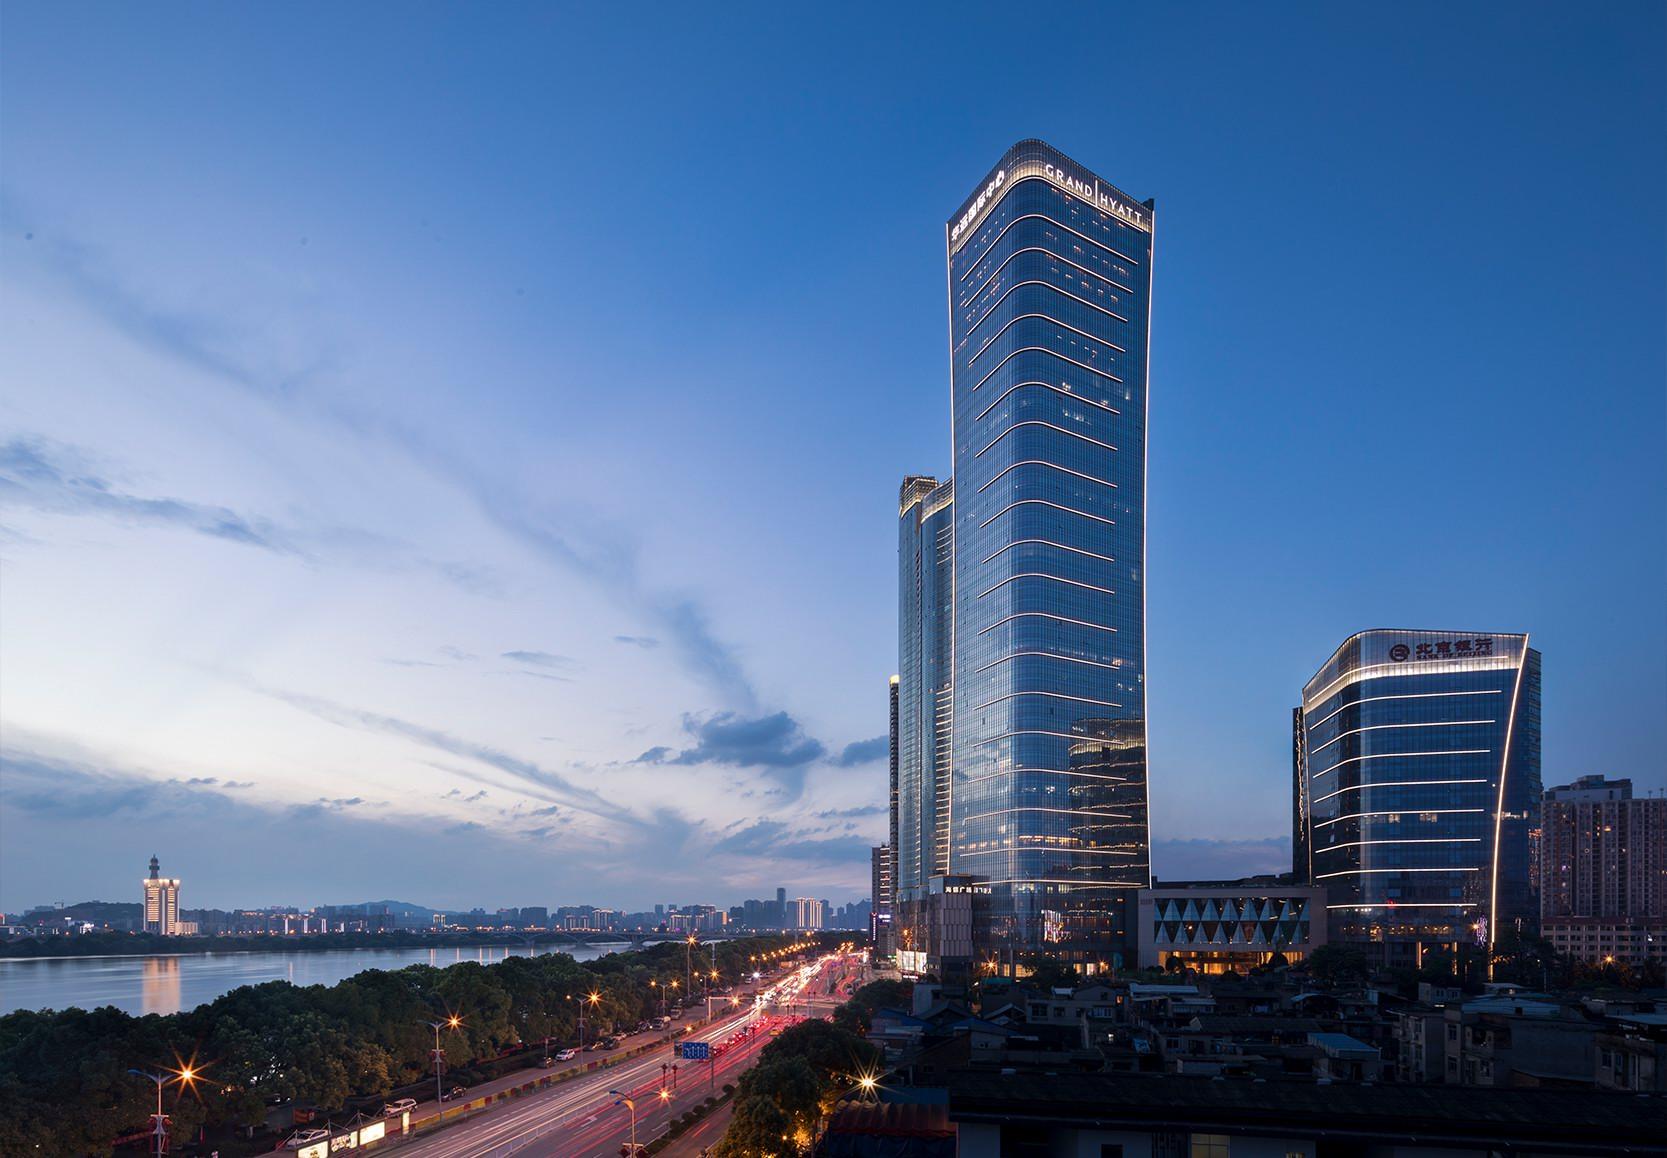 长沙君悦酒店8月1日盛大揭幕